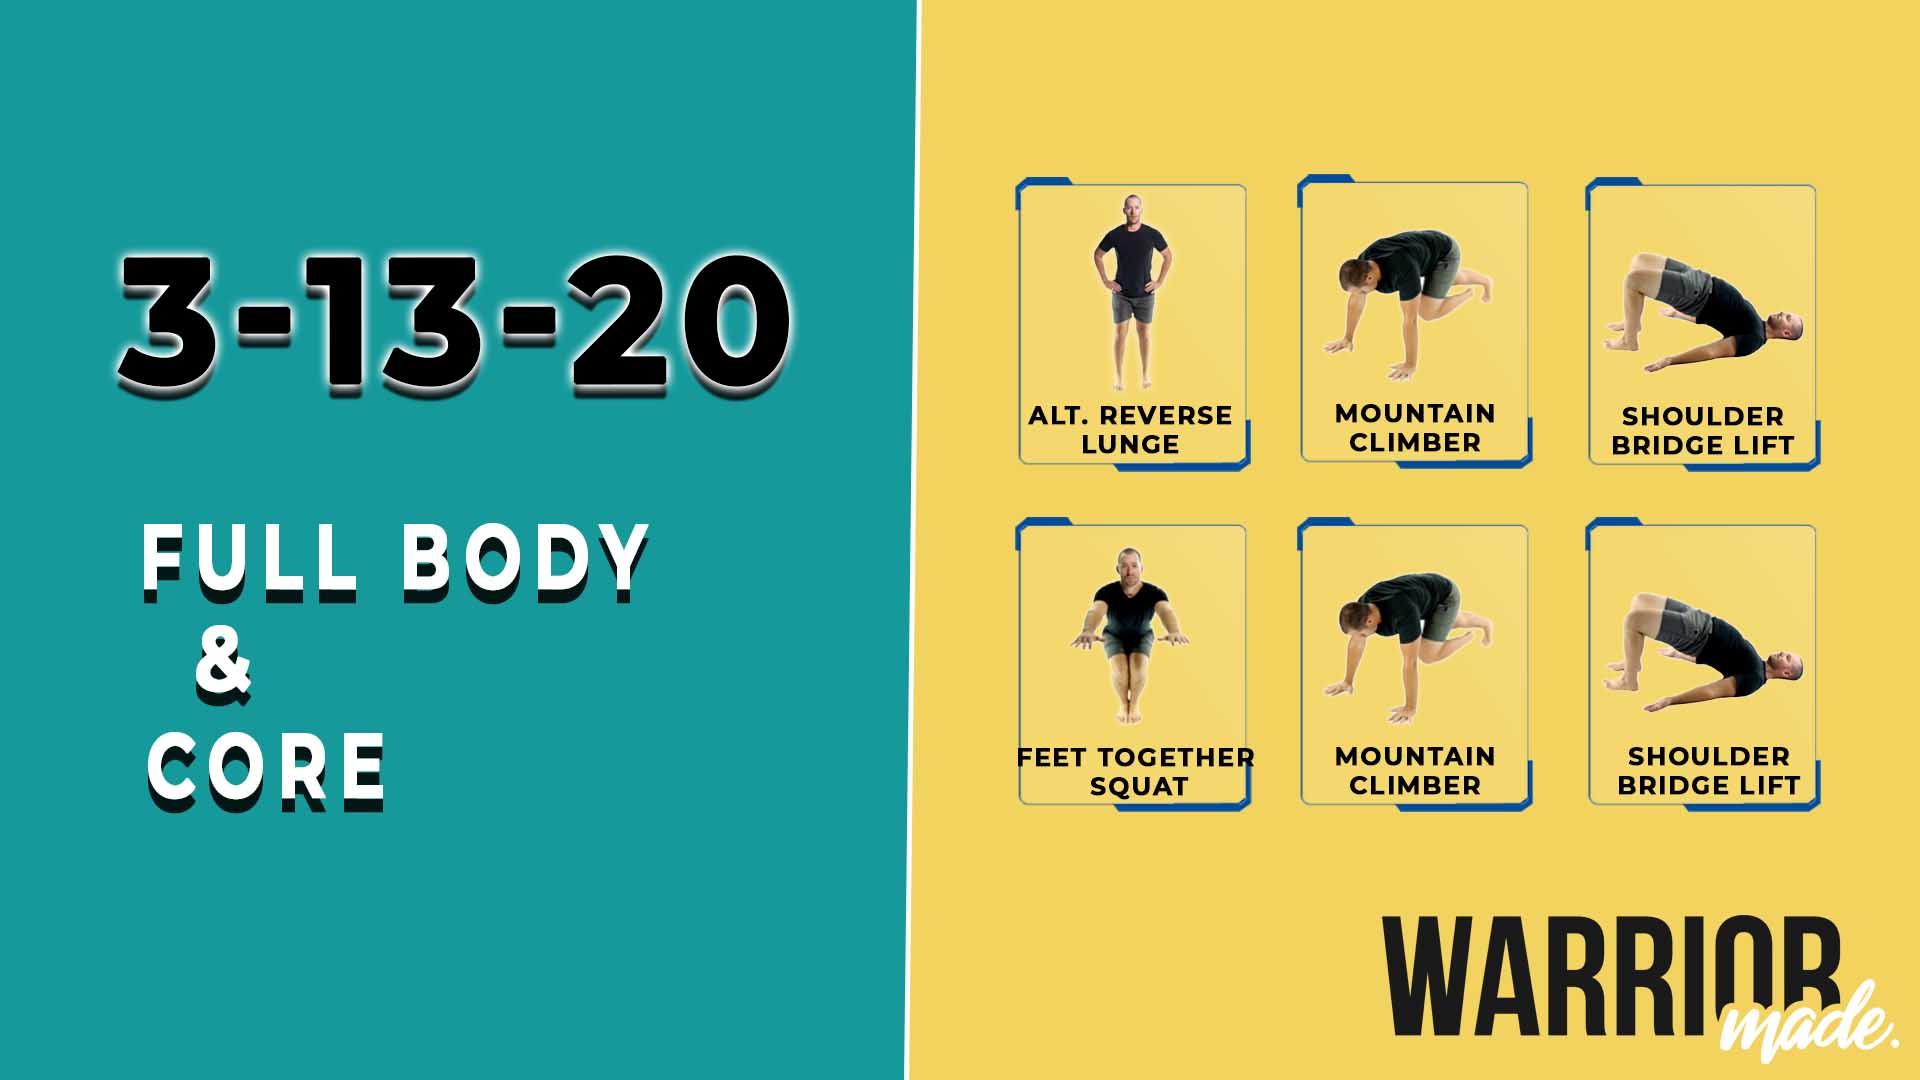 workouts-03-13-20